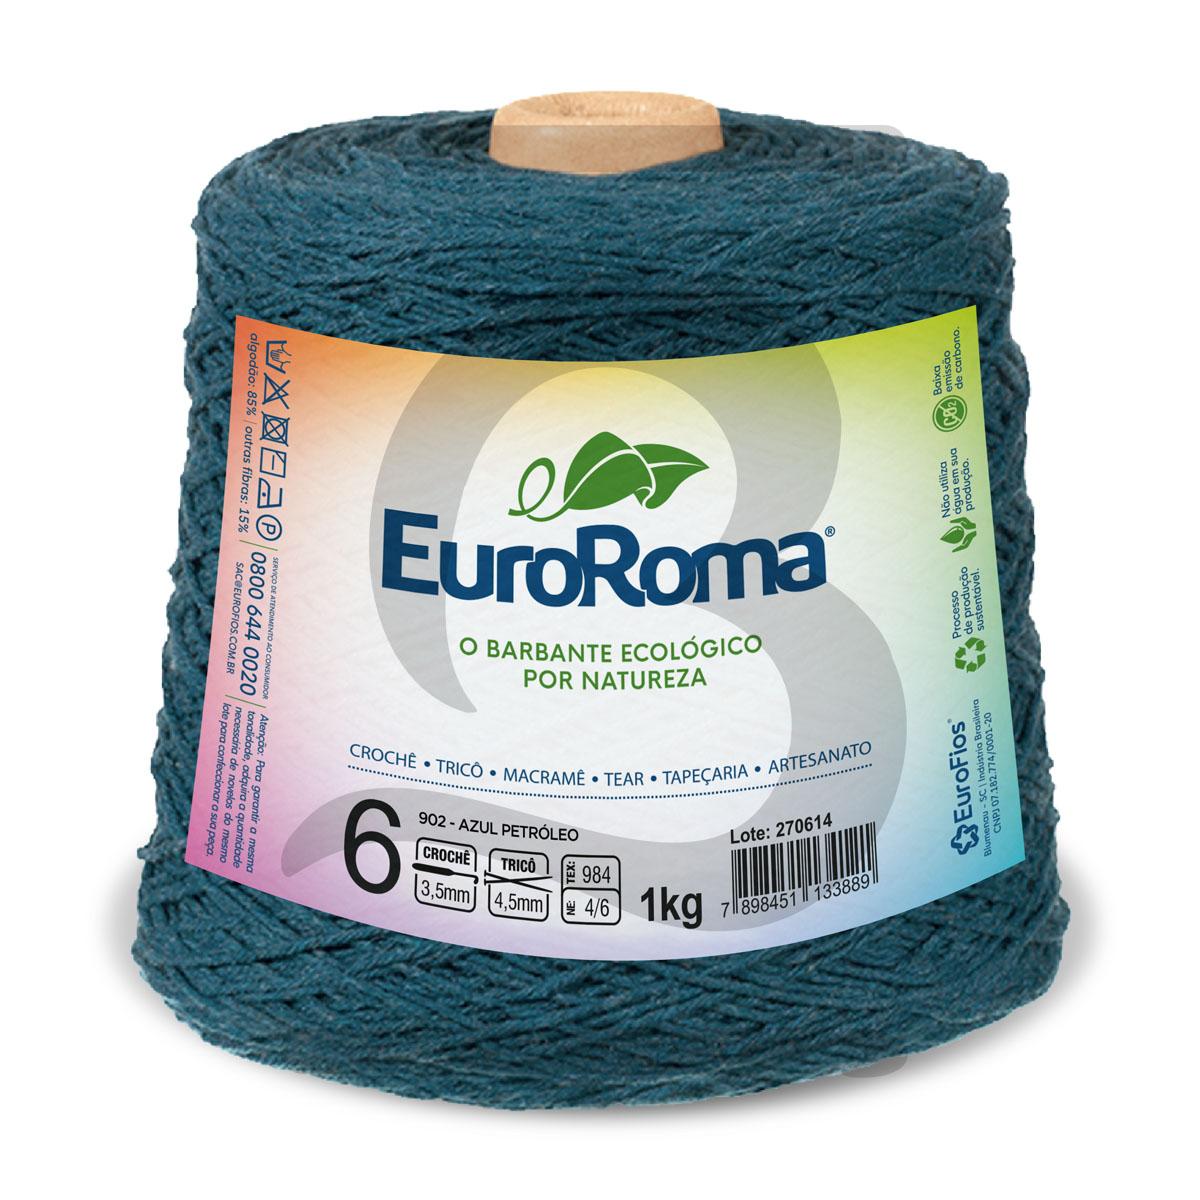 Barbante EuroRoma Colorido N°6 - 1kg Cor 902 Azul Petróleo